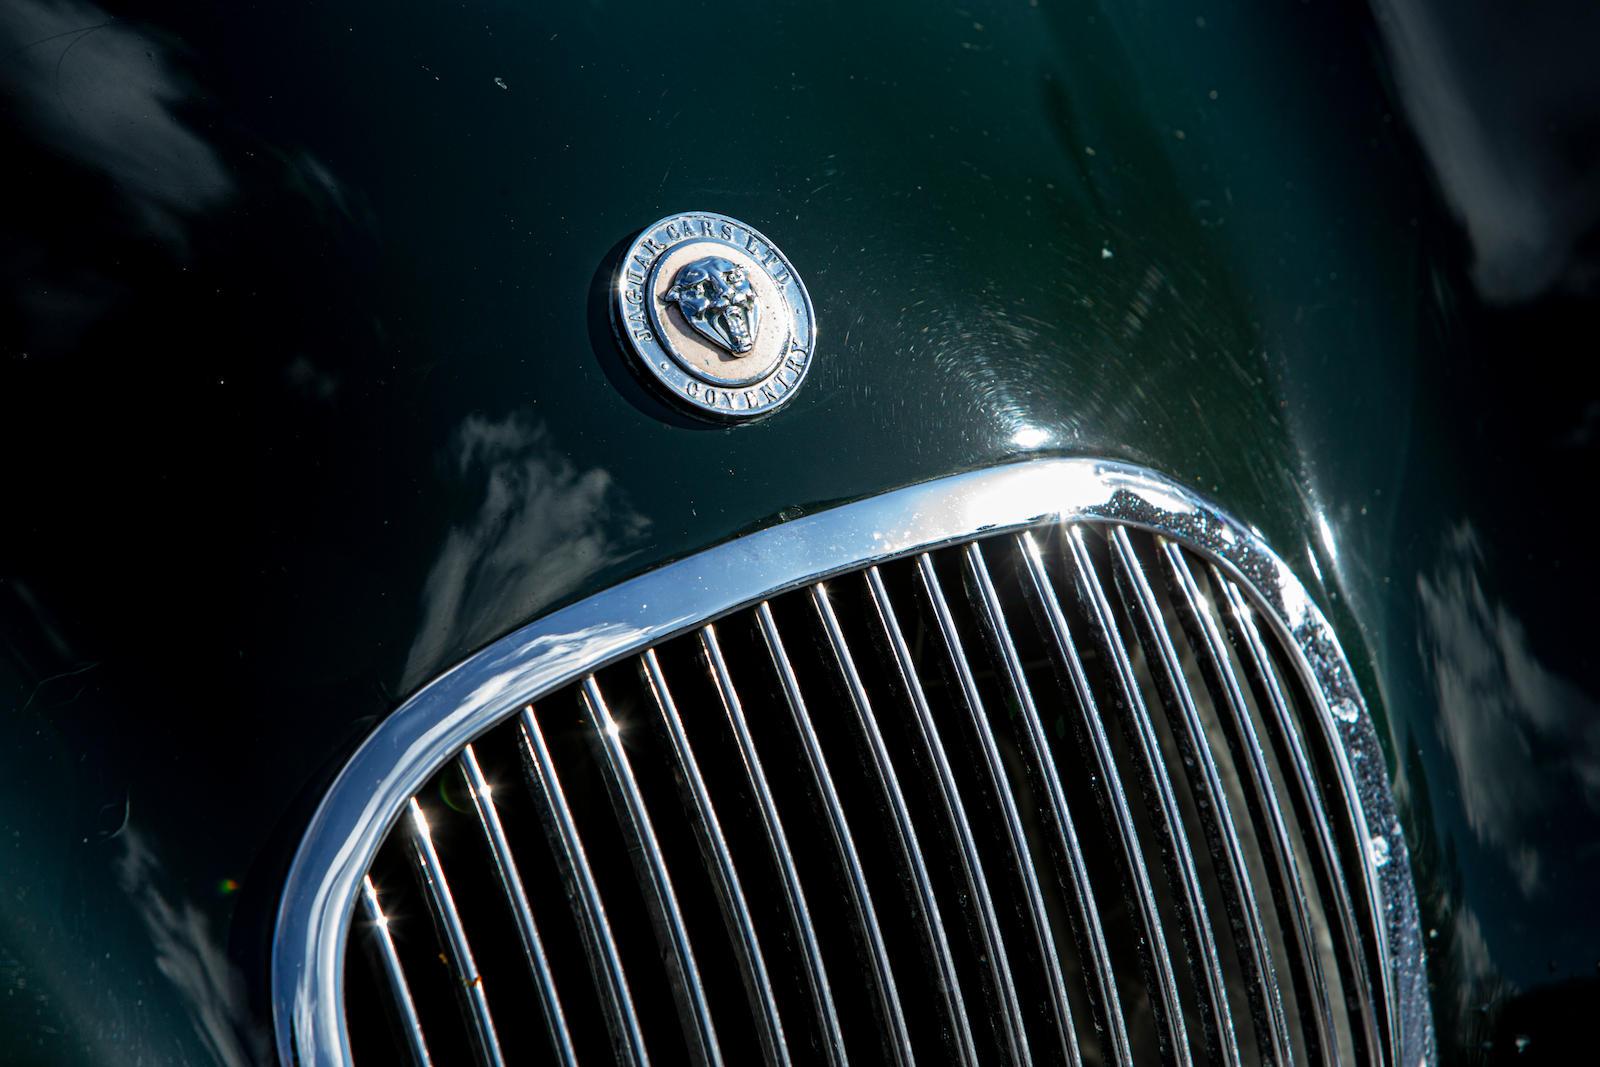 1952 Jaguar XK120 C-Type front emblem